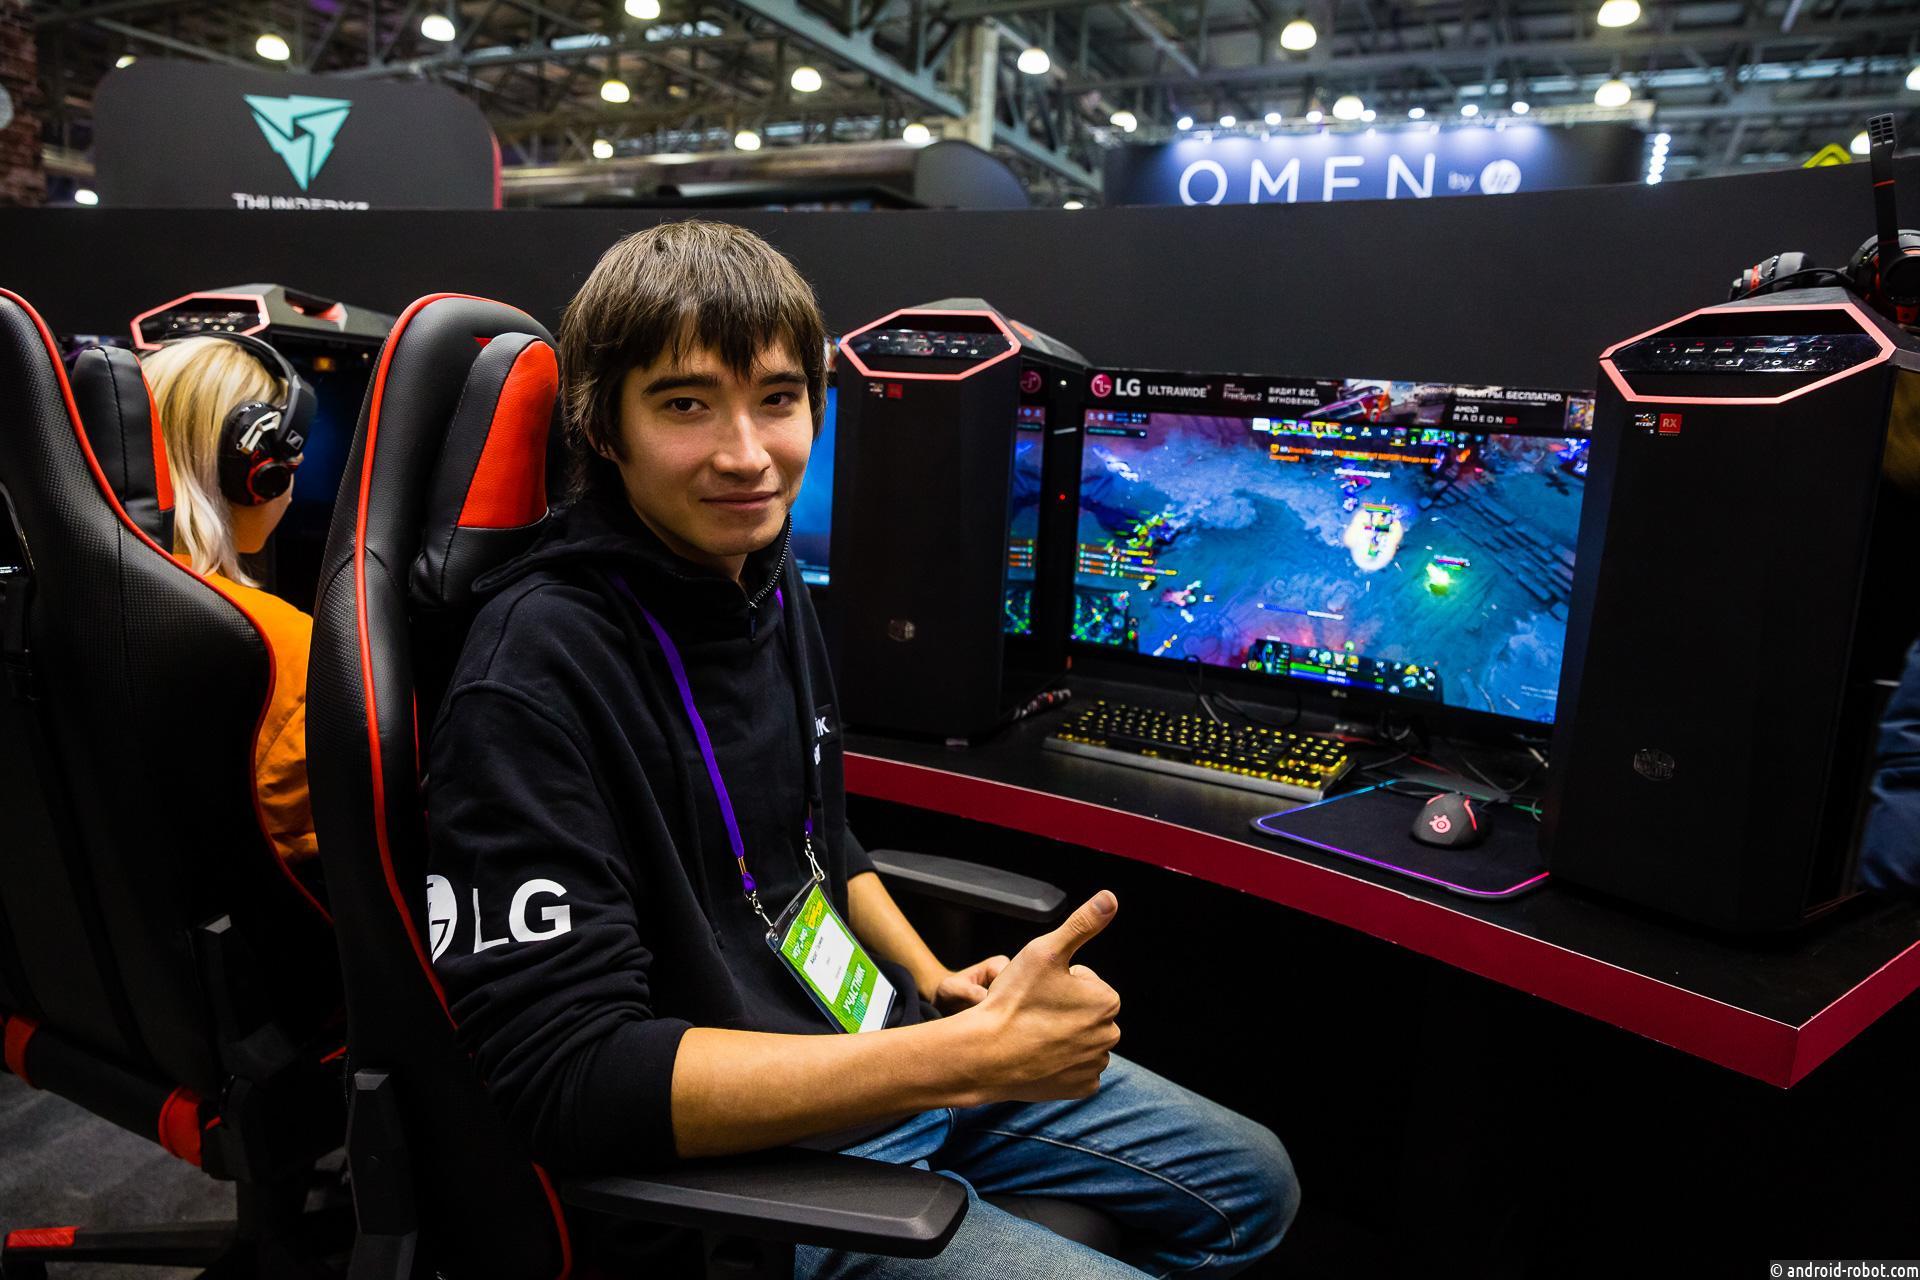 Представлен игровой монитор LG 34UC79G ULTRA WIDE на выставке Игромир 2018